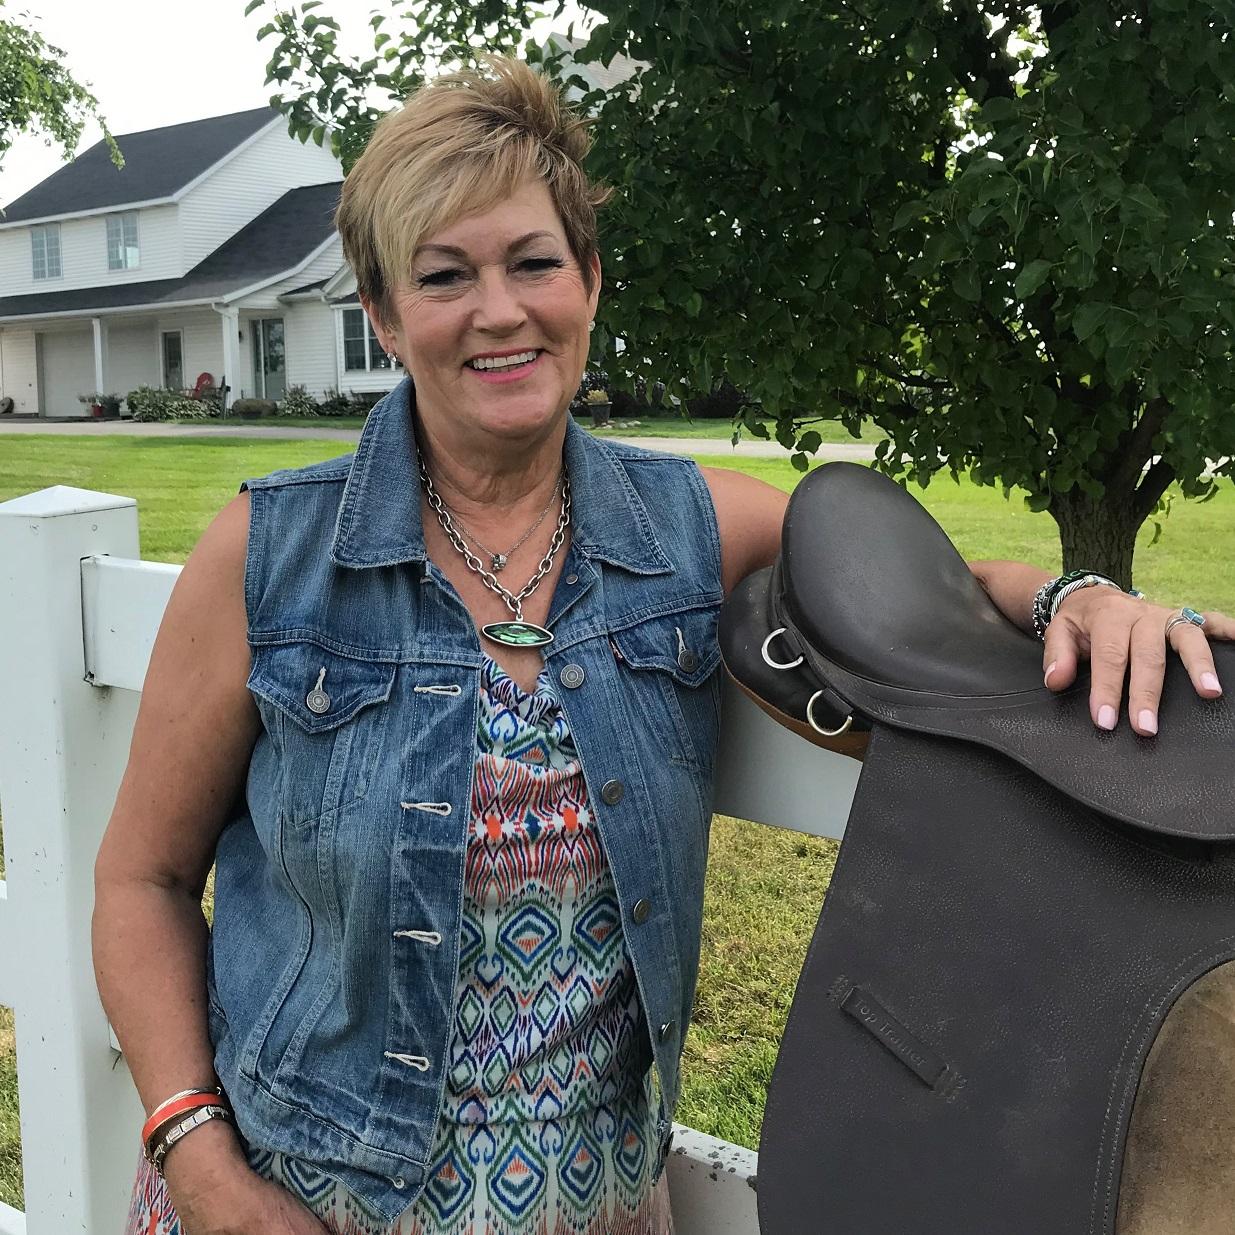 Kathy Elhart